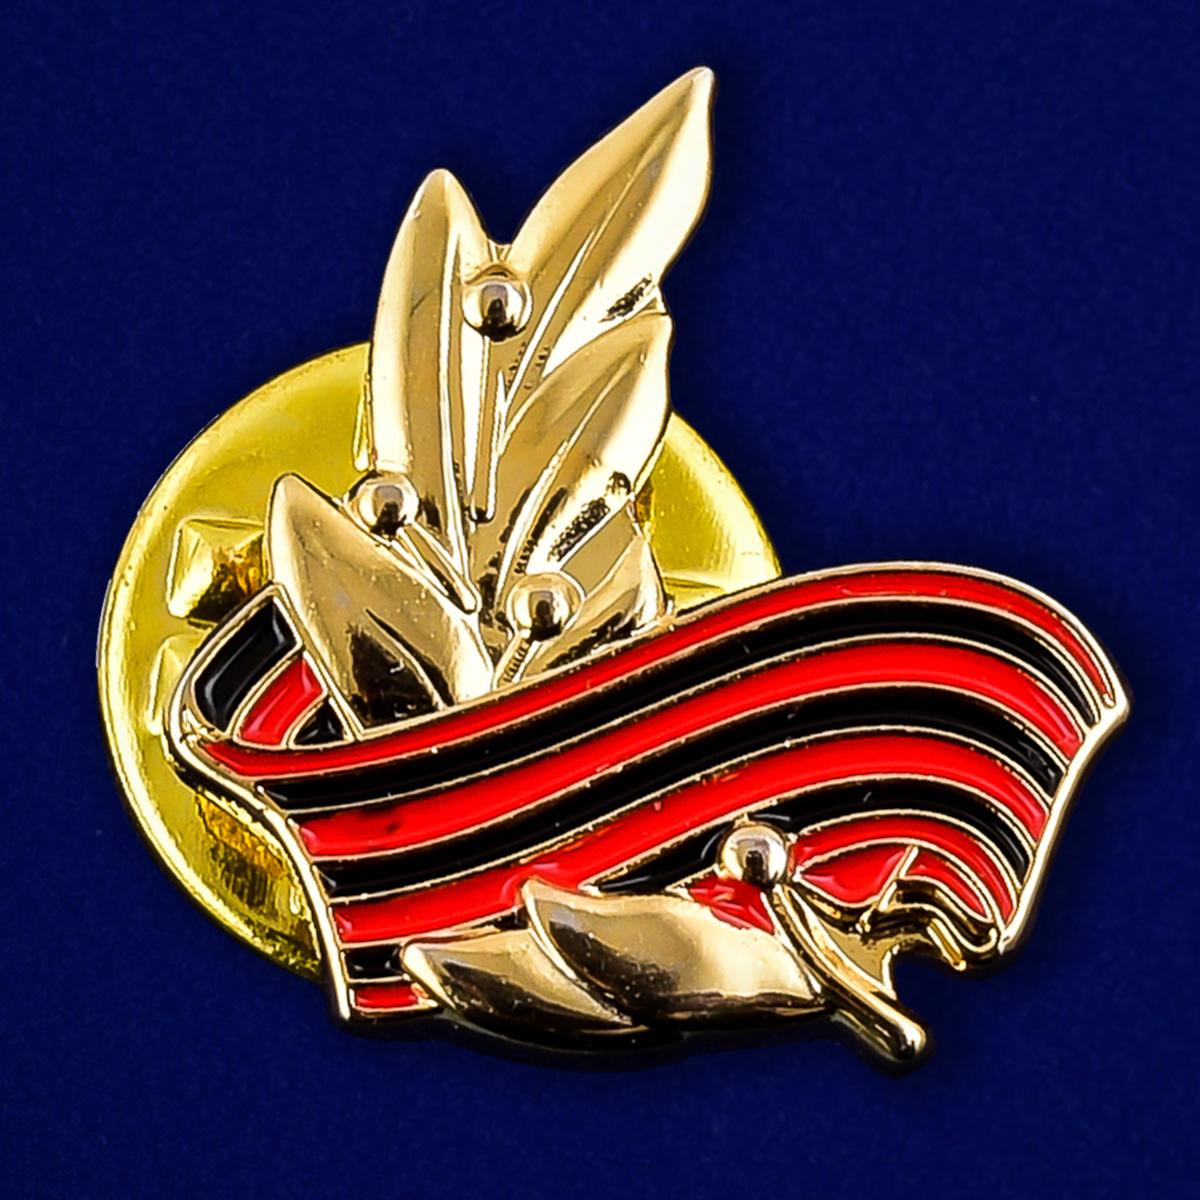 Георгиевский фрачник - отличный подарок патриотам